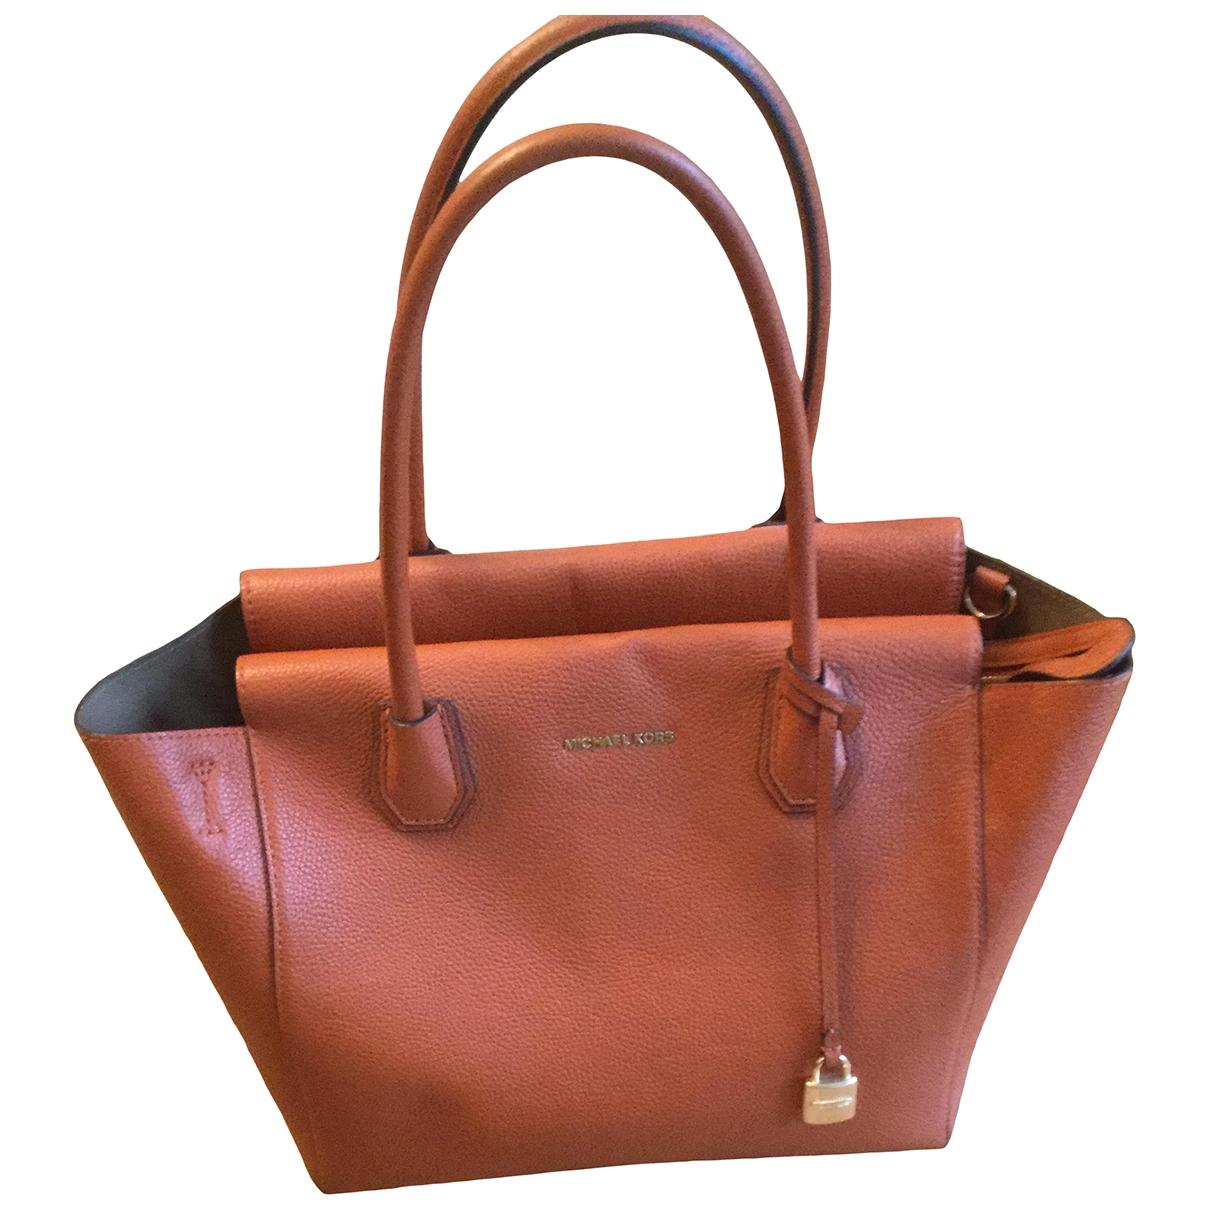 Michael Kors \N Orange Leather handbag for Women \N